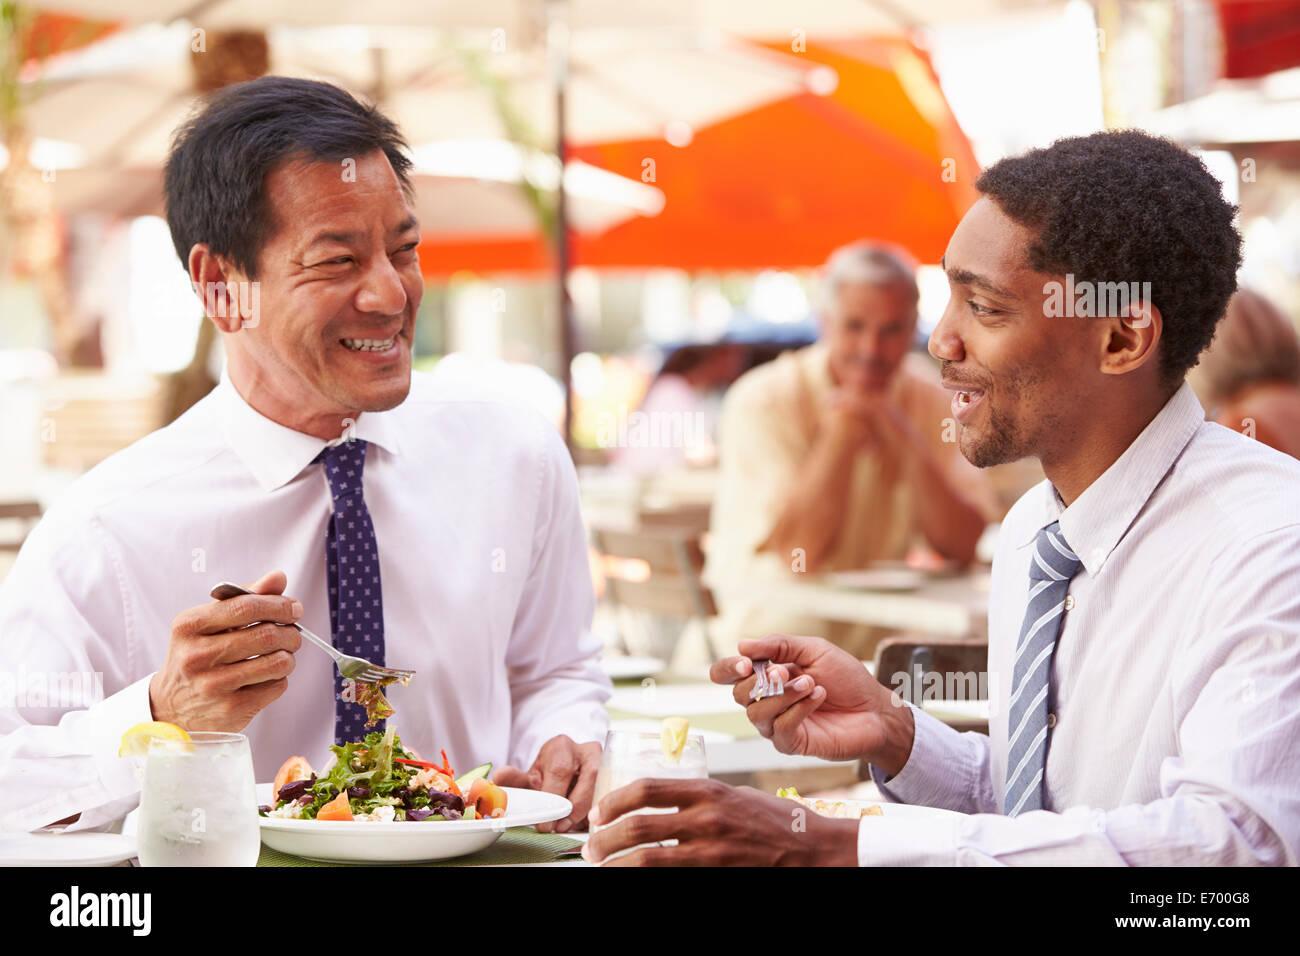 Two Businessmen Having Meeting In Outdoor Restaurant - Stock Image